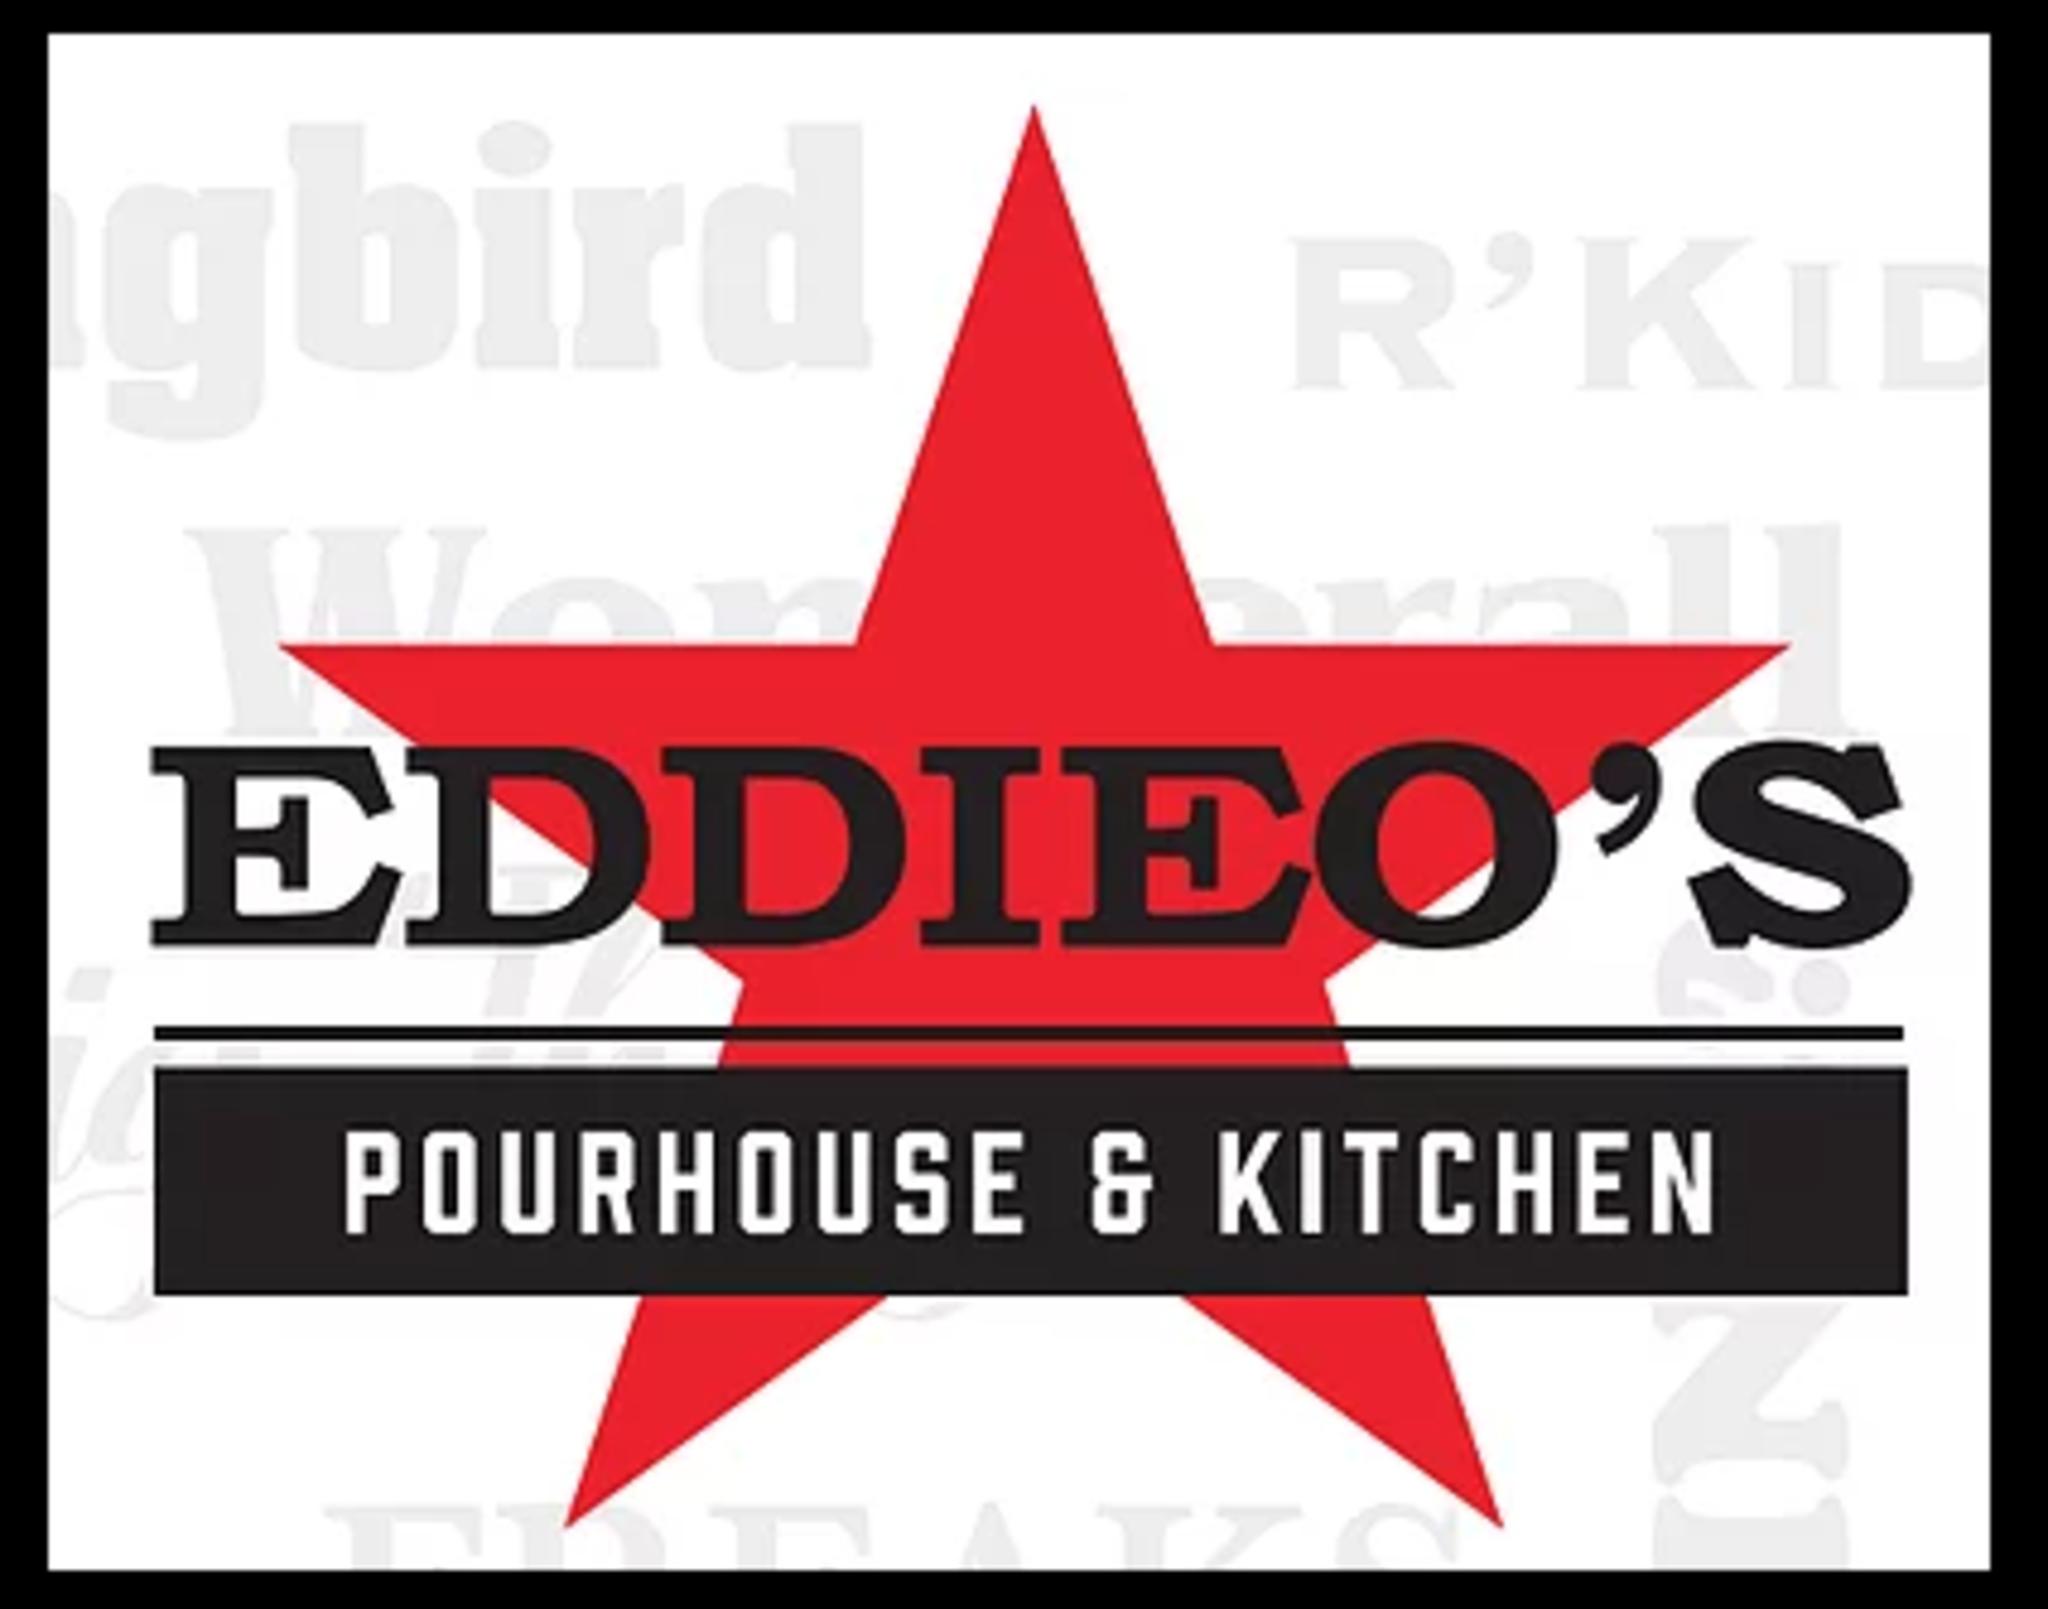 EddieO's PourHouse & Kitchen